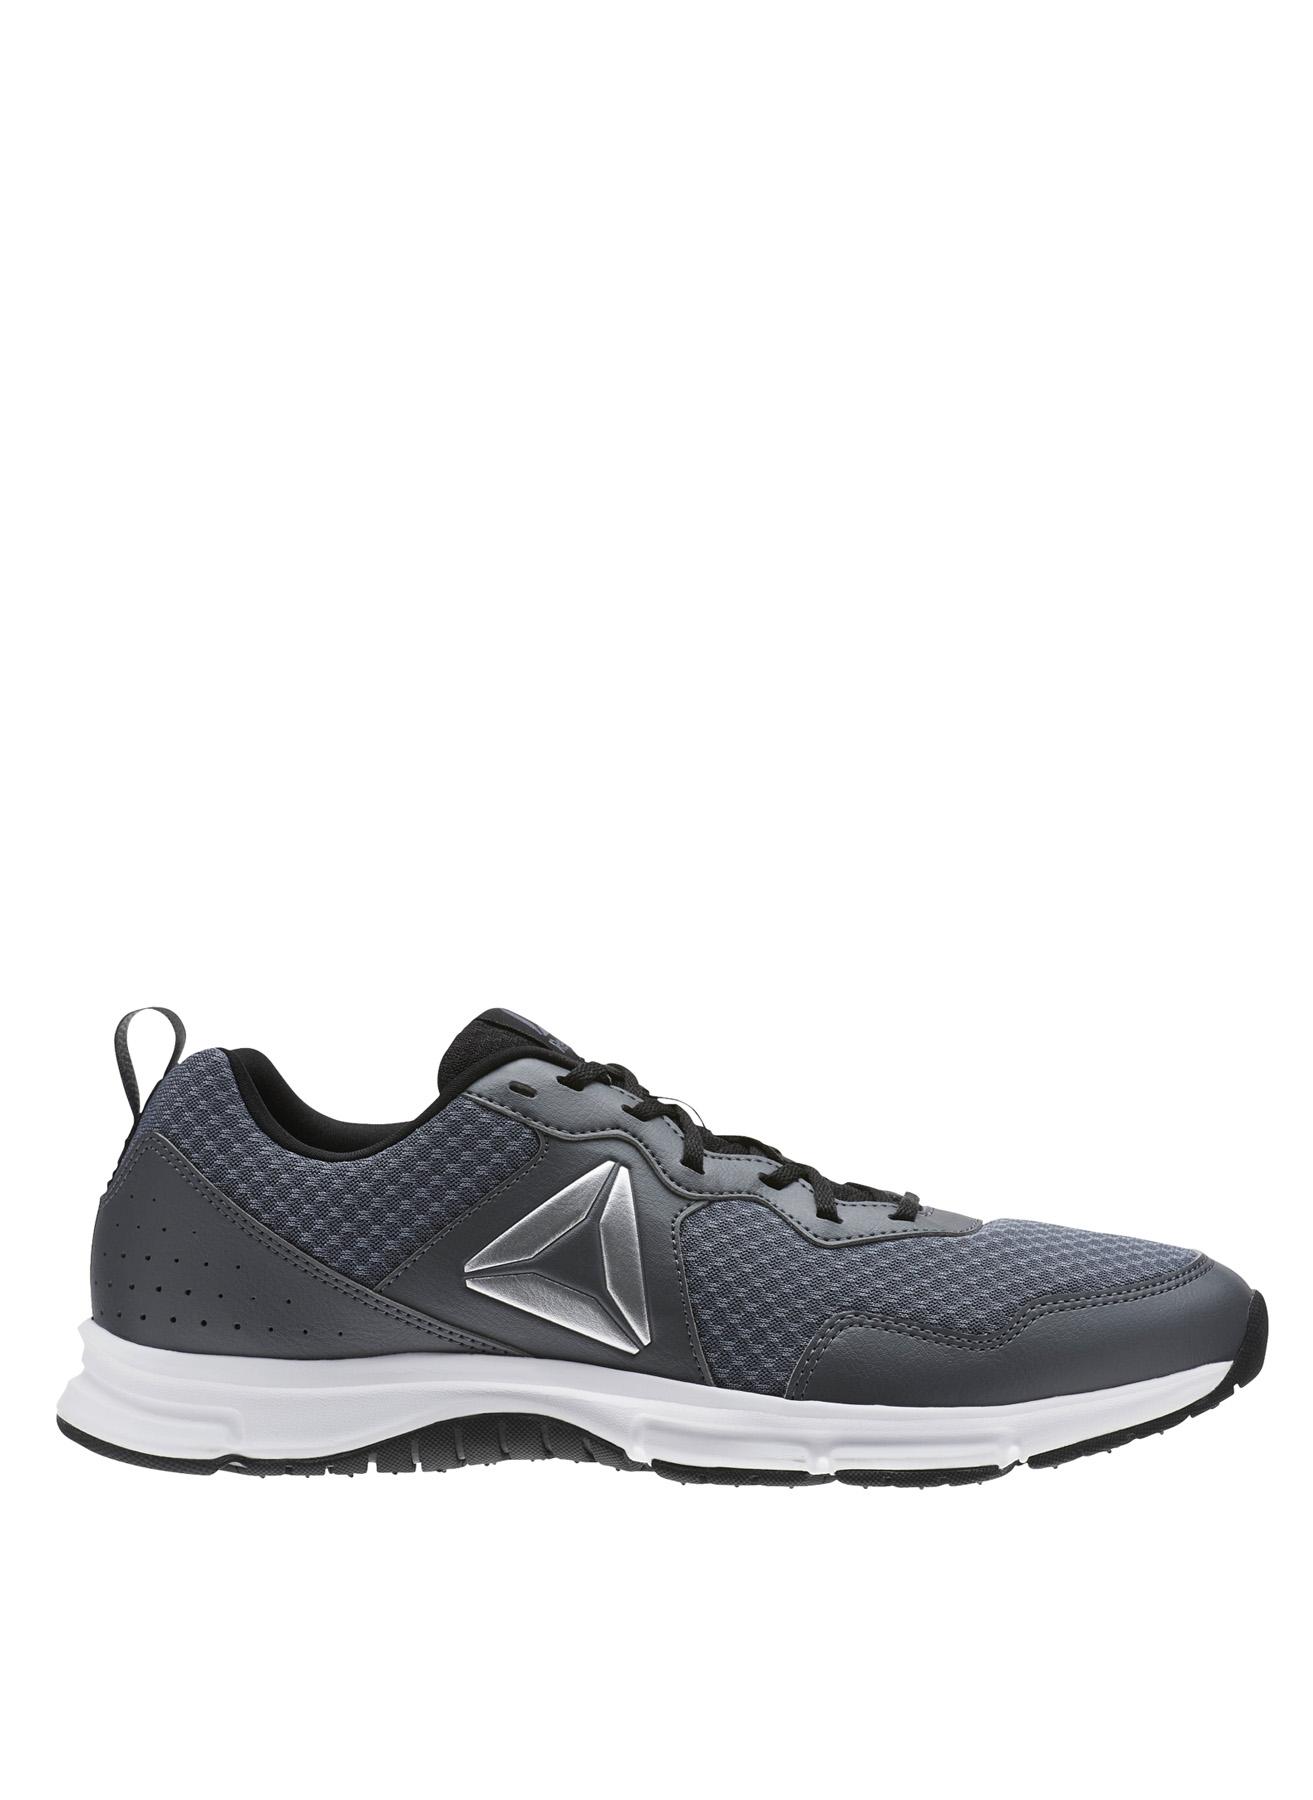 Reebok Express Runner 2.0 Koşu Ayakkabısı 43 5001633205006 Ürün Resmi